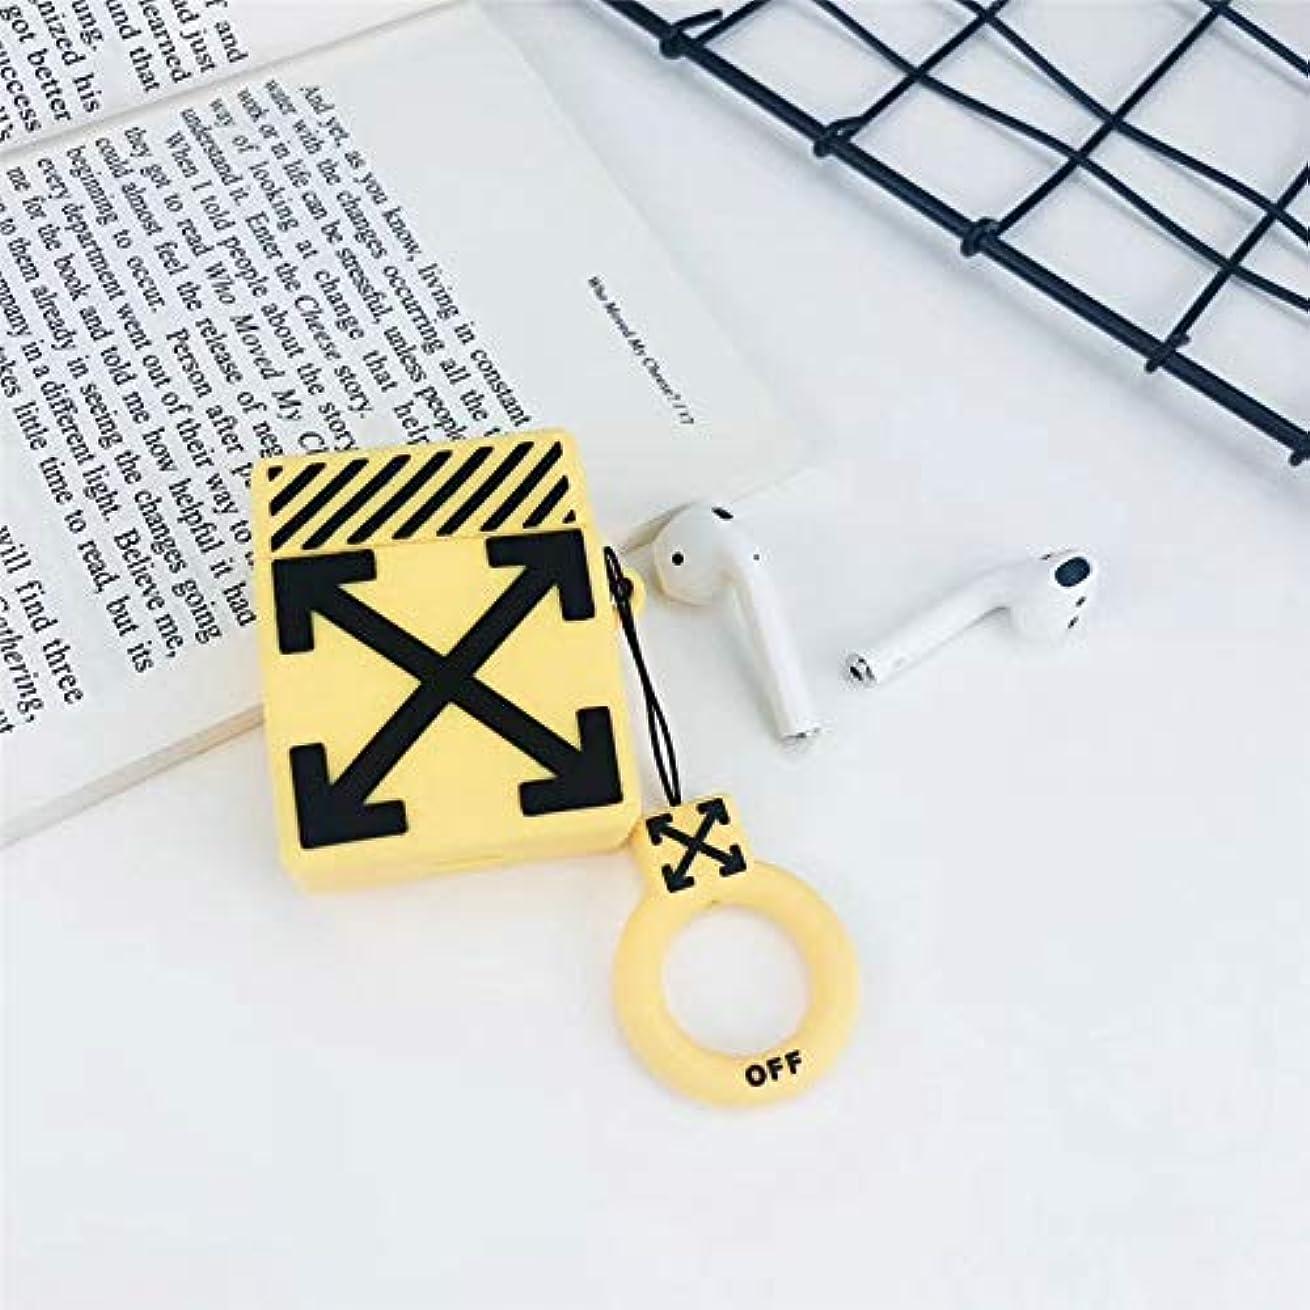 ライターハシーオーガニックPINGF 素敵なイヤホンケース、エアポッド2 Airpodsケース2と互換性のある防塵設計ホワイト/イエロー/ブラックボックス形状の柔らかい人気の新しい女の子/男の子用イヤホンケース (Color : Yellow)